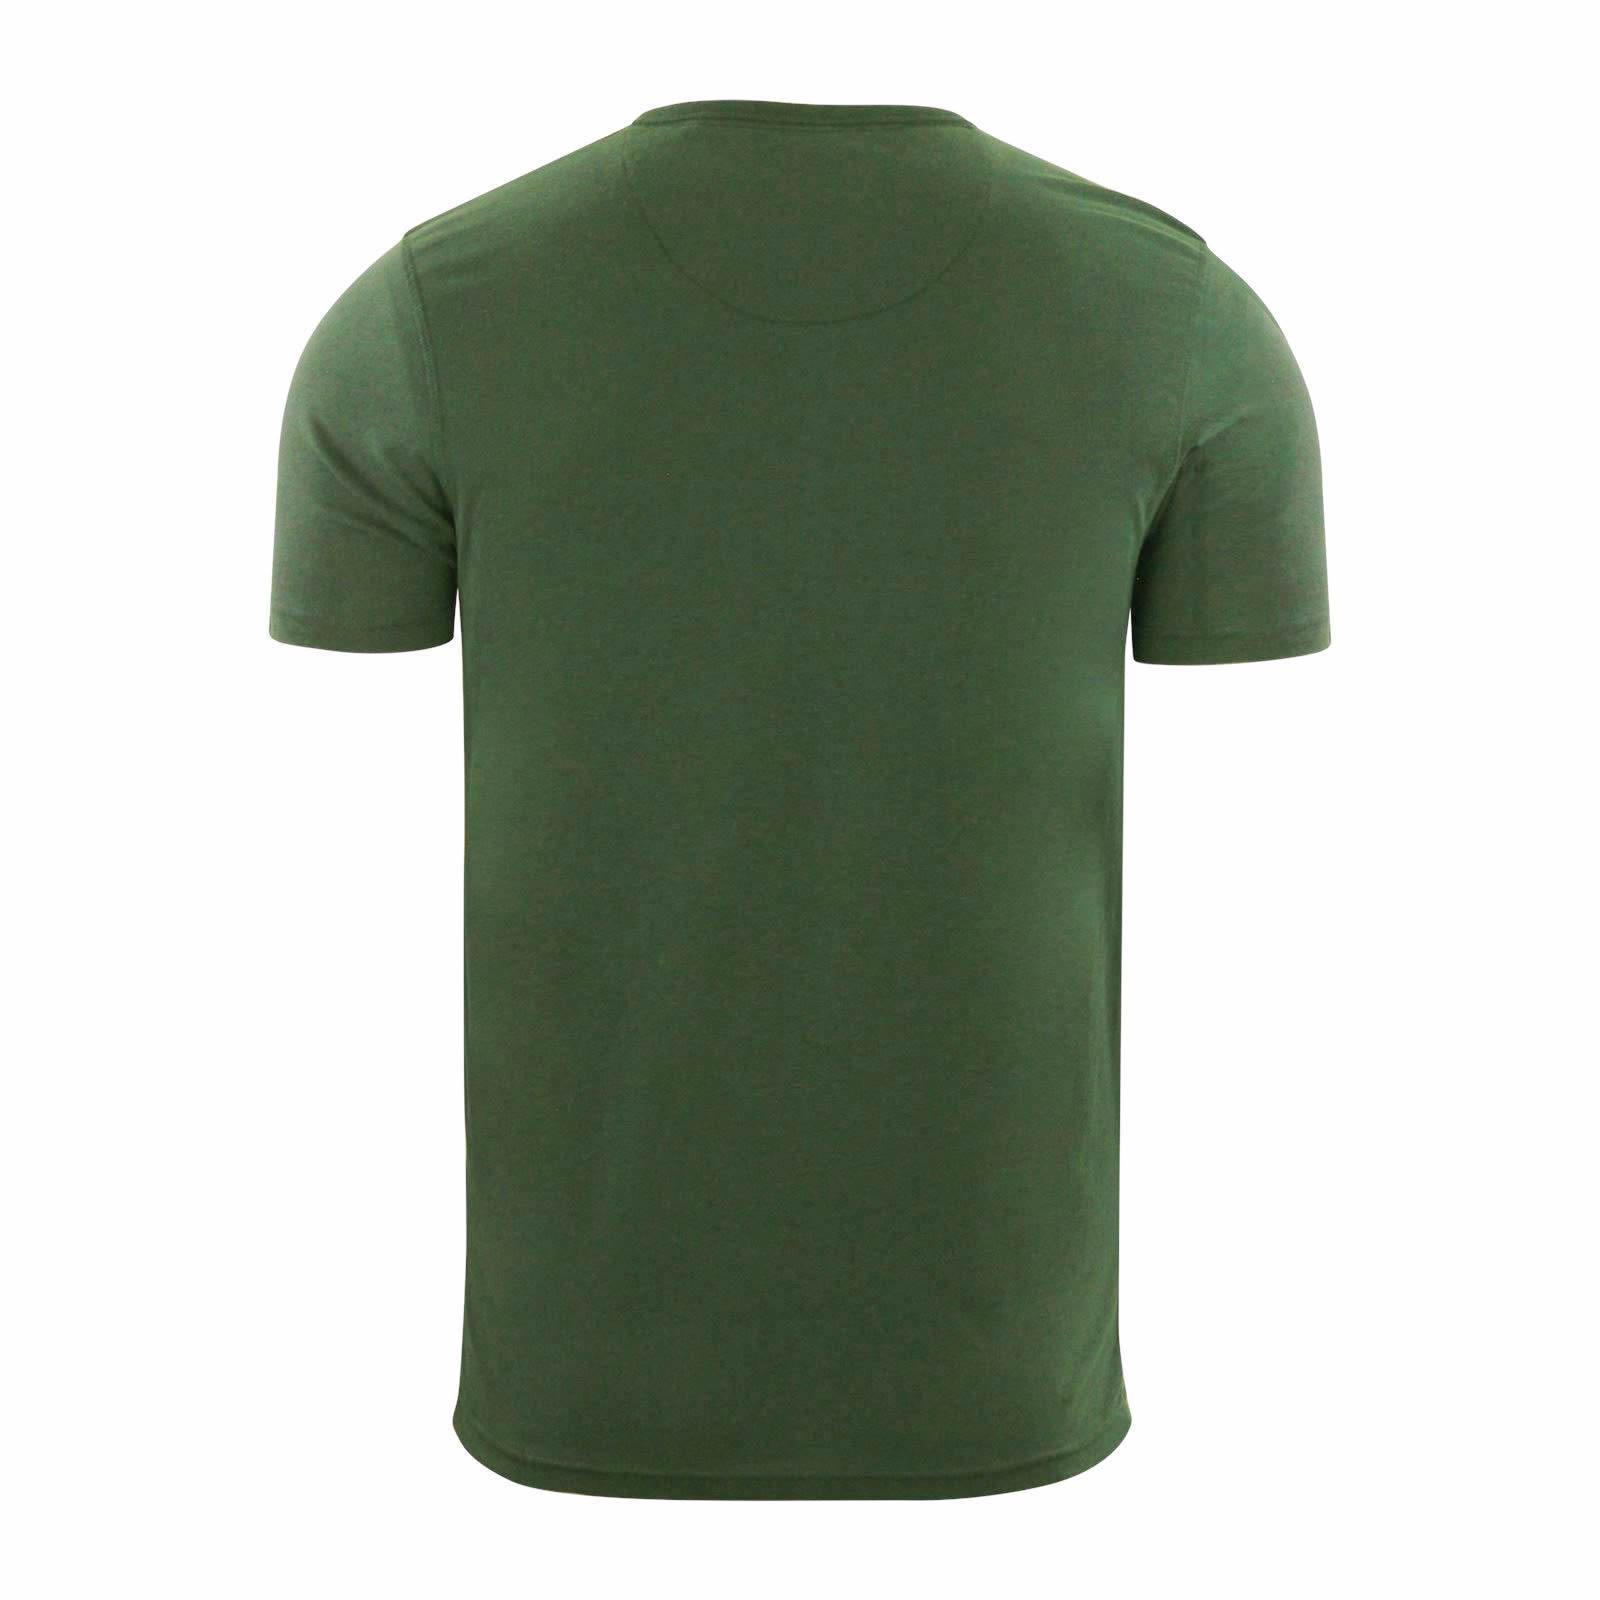 Brave-Soul-Quartz-Homme-T-Shirt-Grandad-Neck-manches-courtes-coton-tee miniature 7